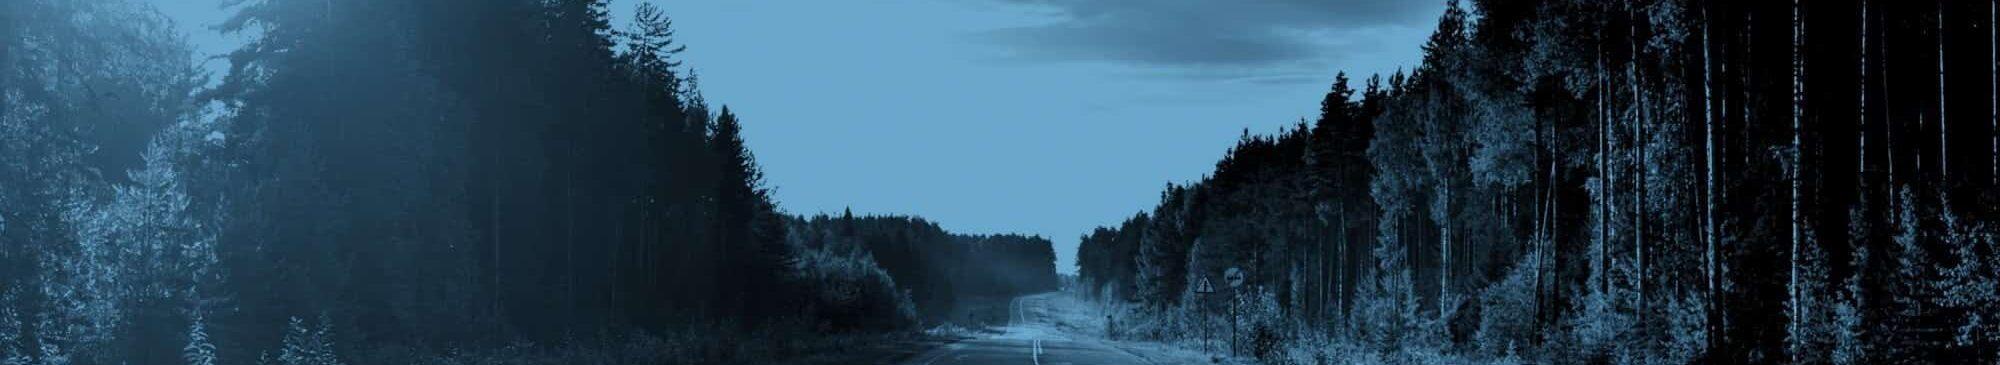 vej baggrund blå